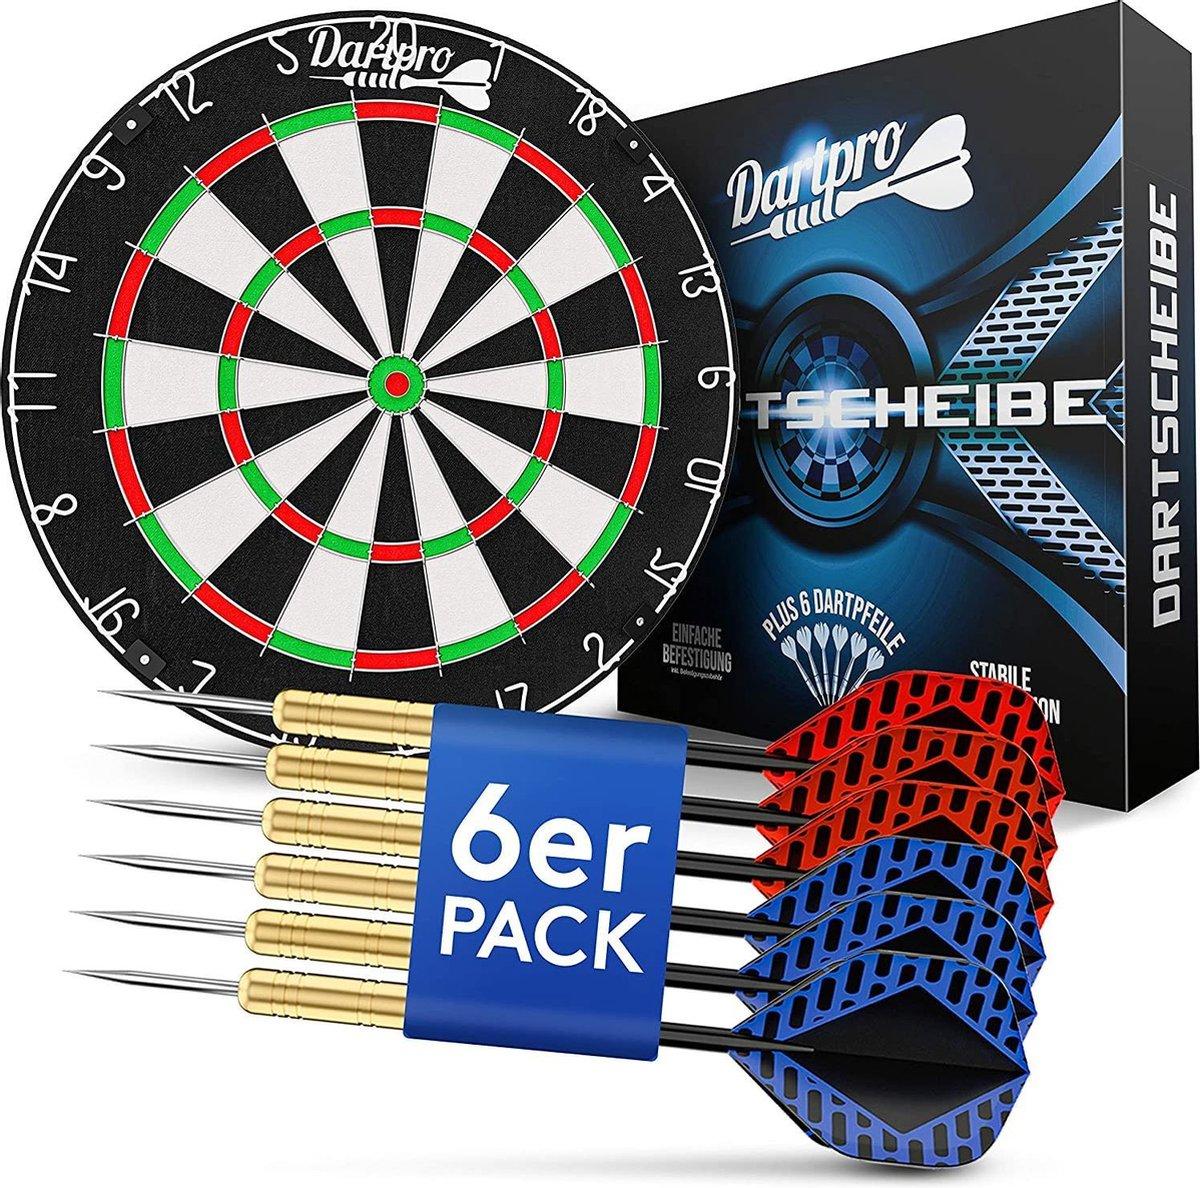 Dartbord met darts, professioneel stalen dartbord van zelfherstellend sisal, dartbord met extra dunne draden, dartbord met 6 darts